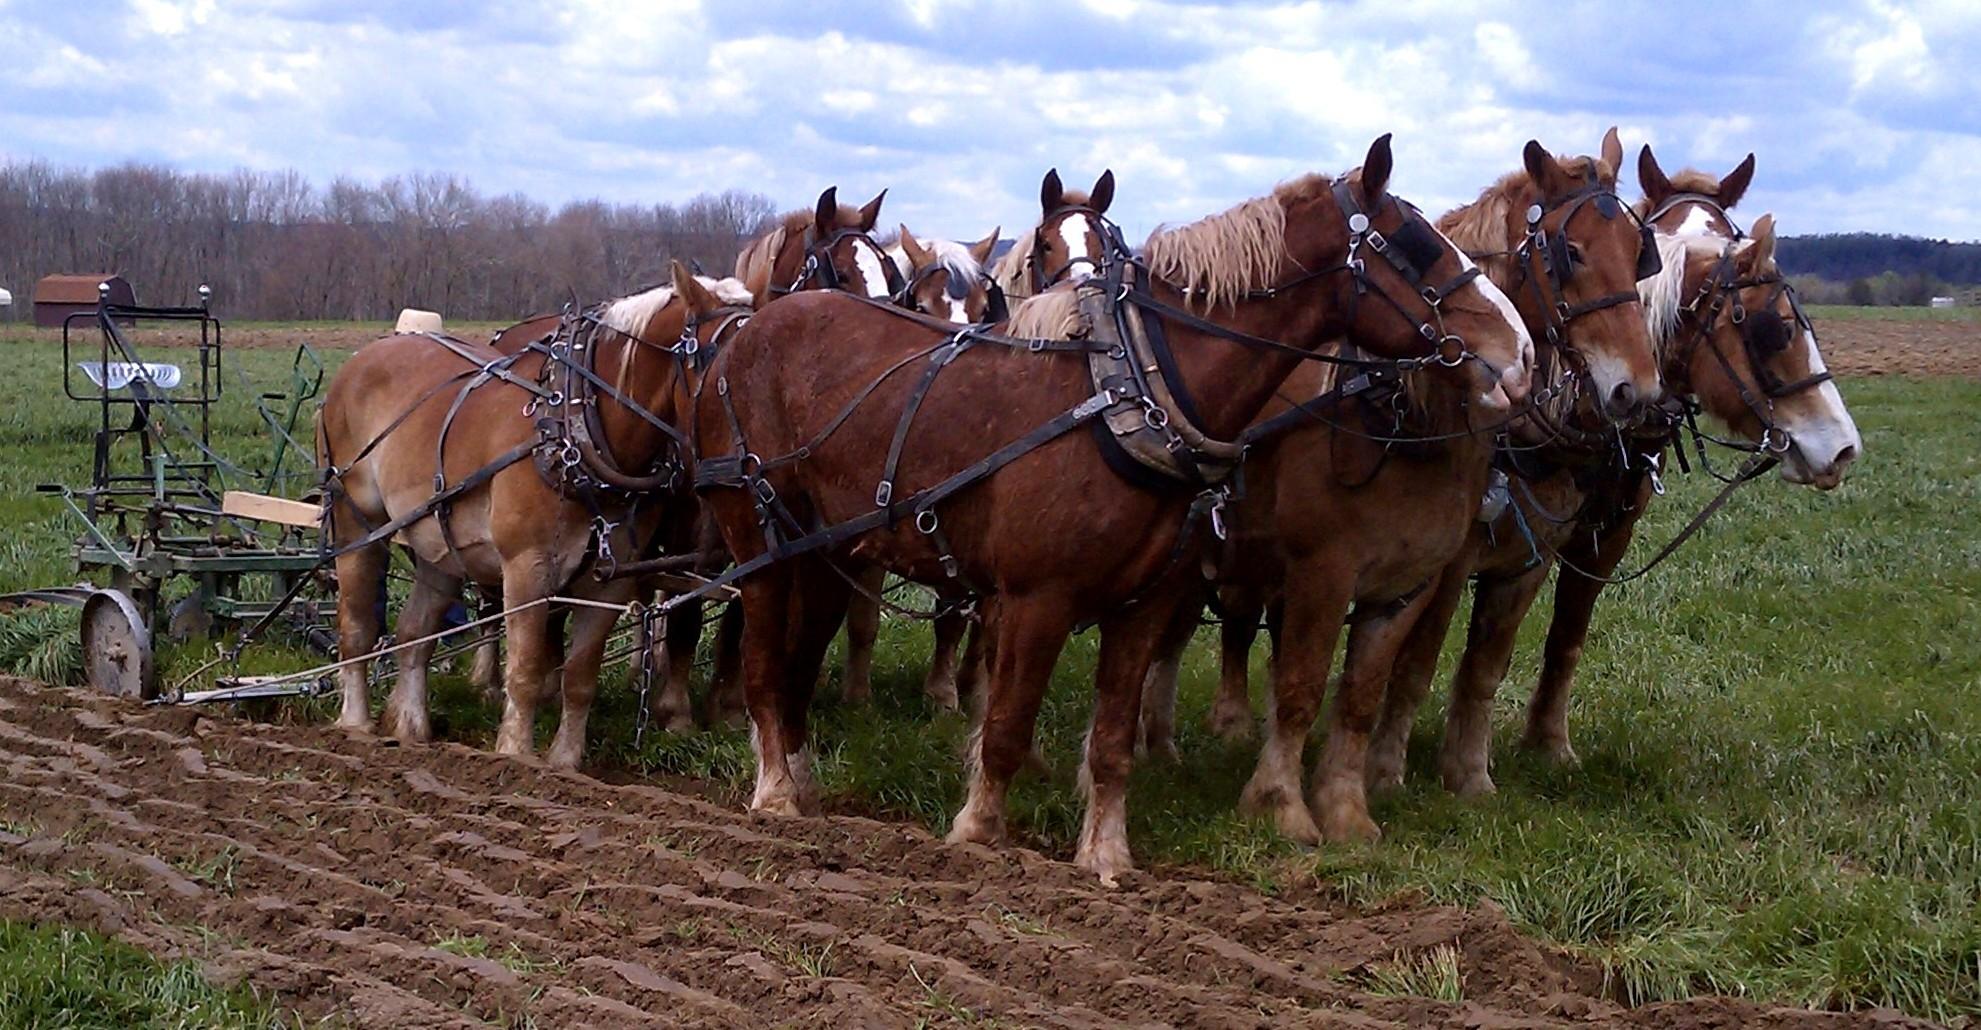 Our horsepower!